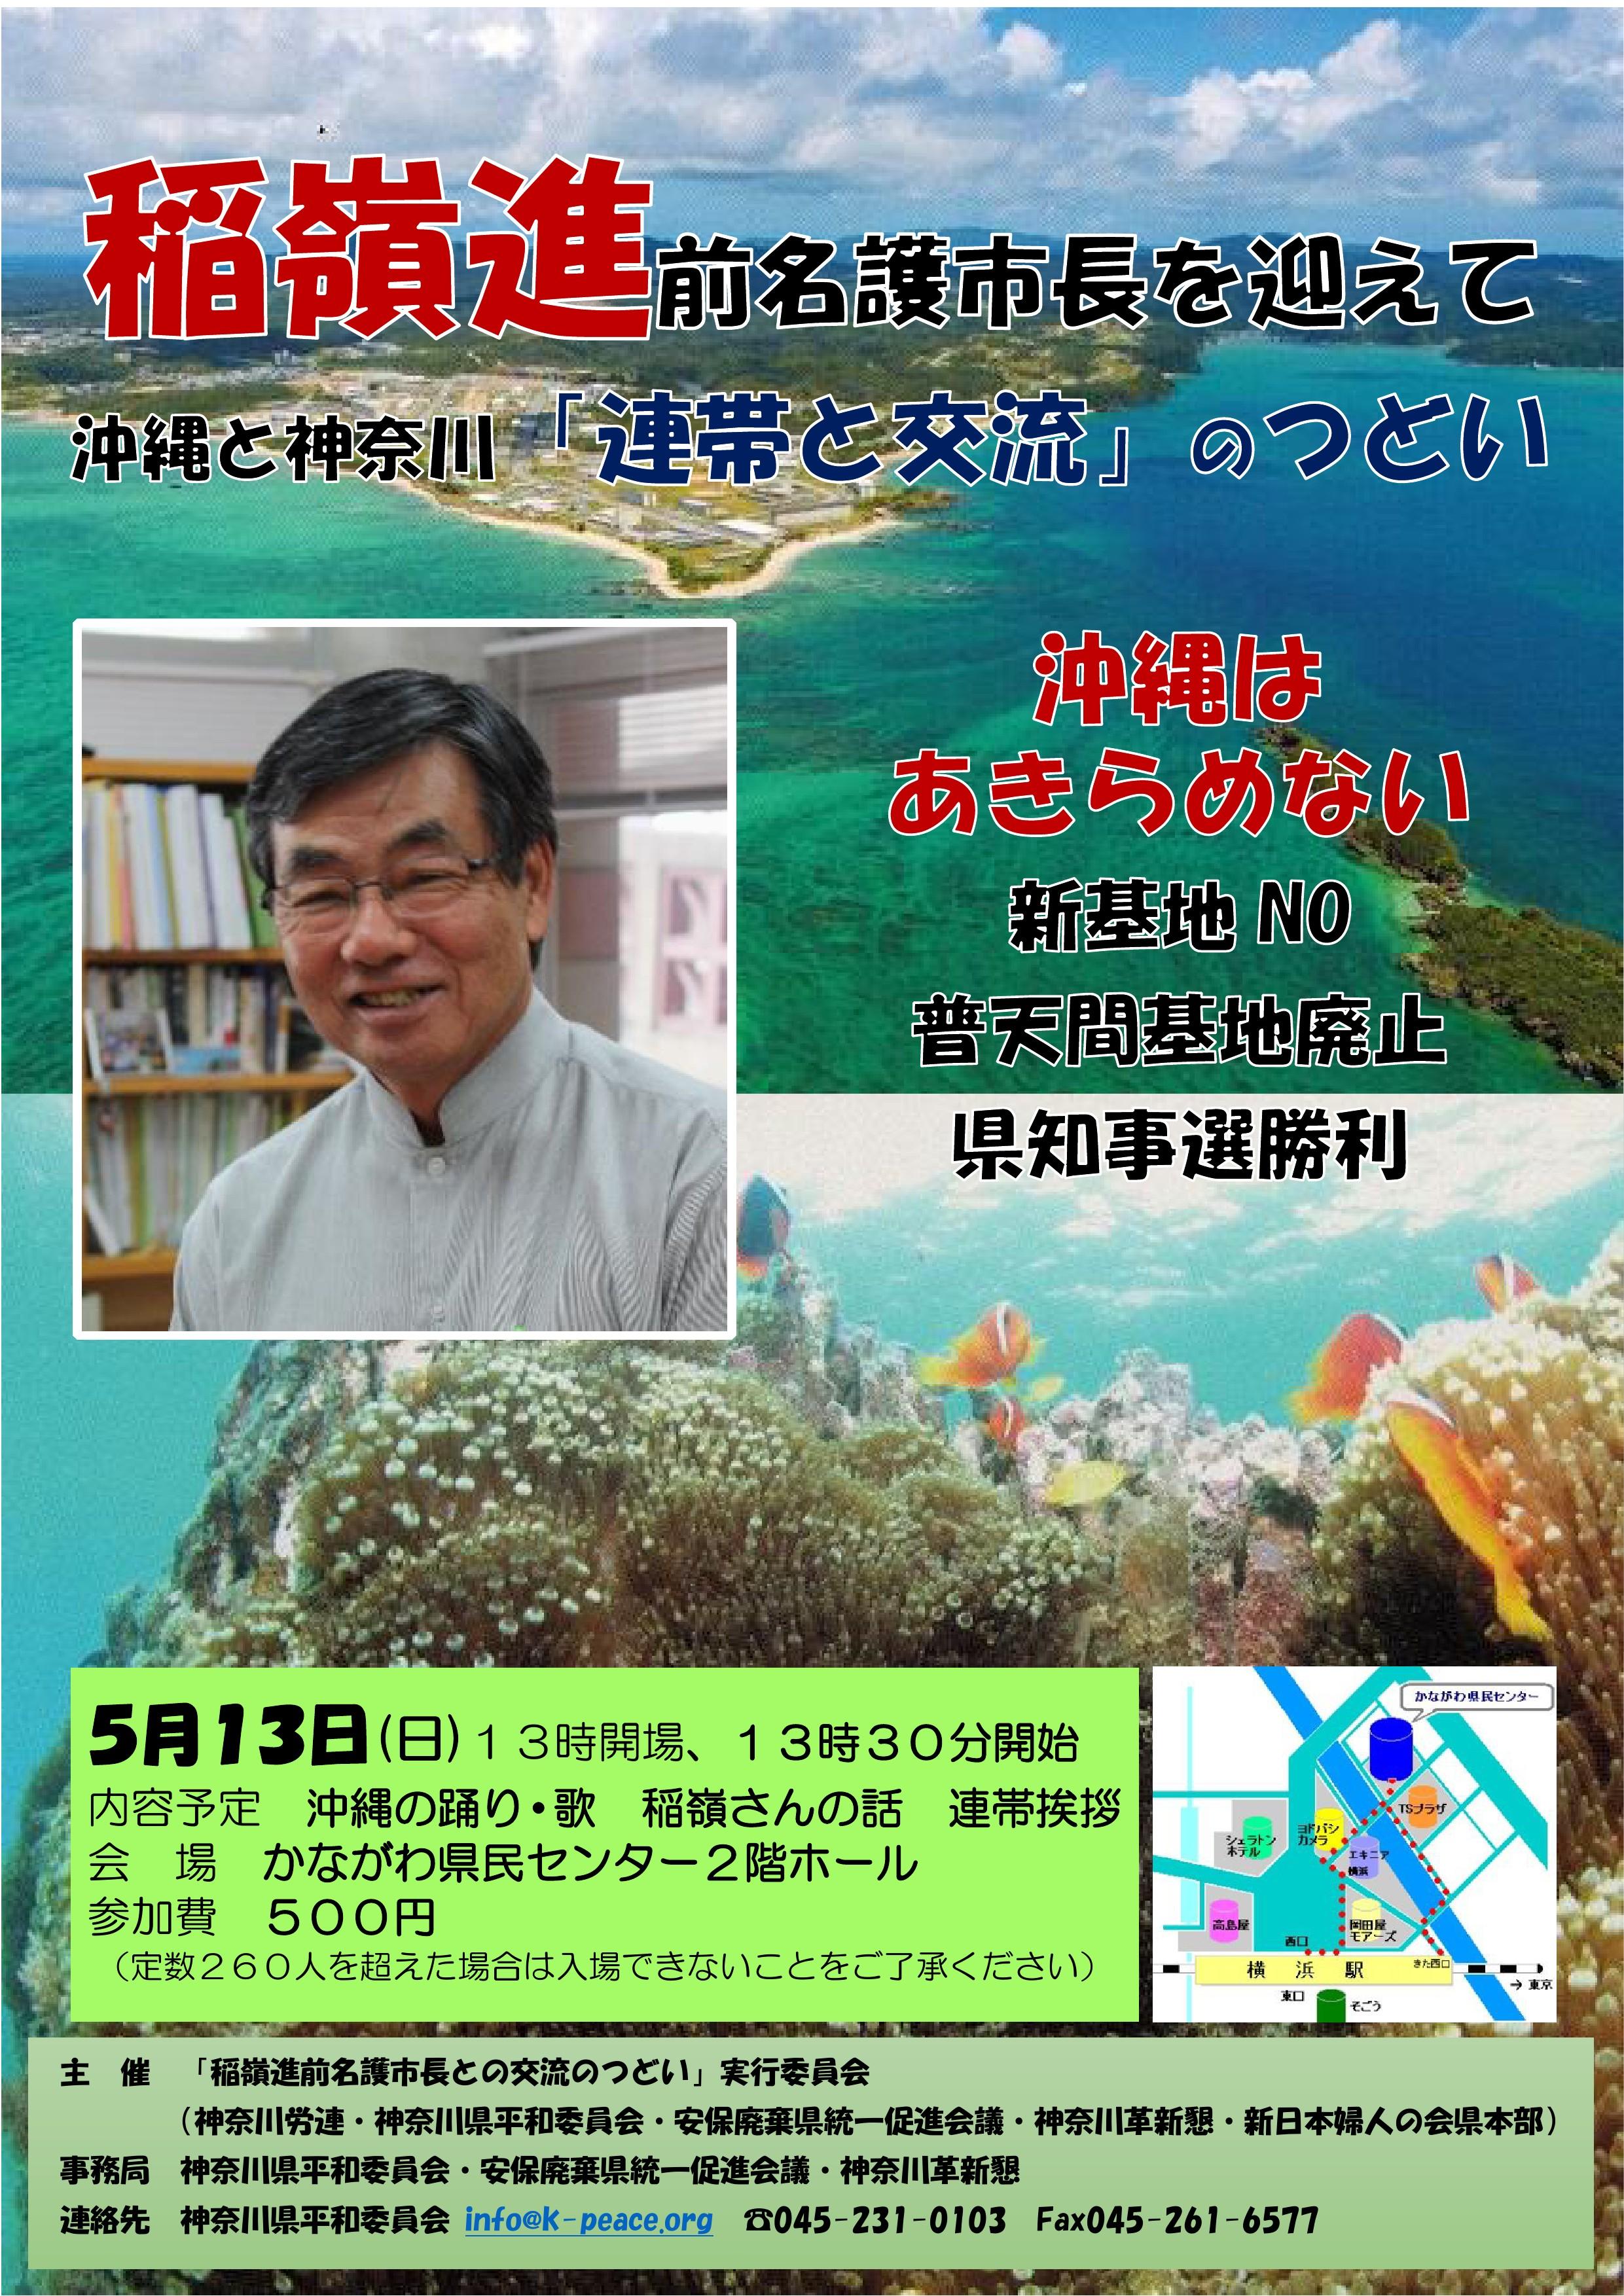 沖縄と神奈川「連帯と交流」のつどい